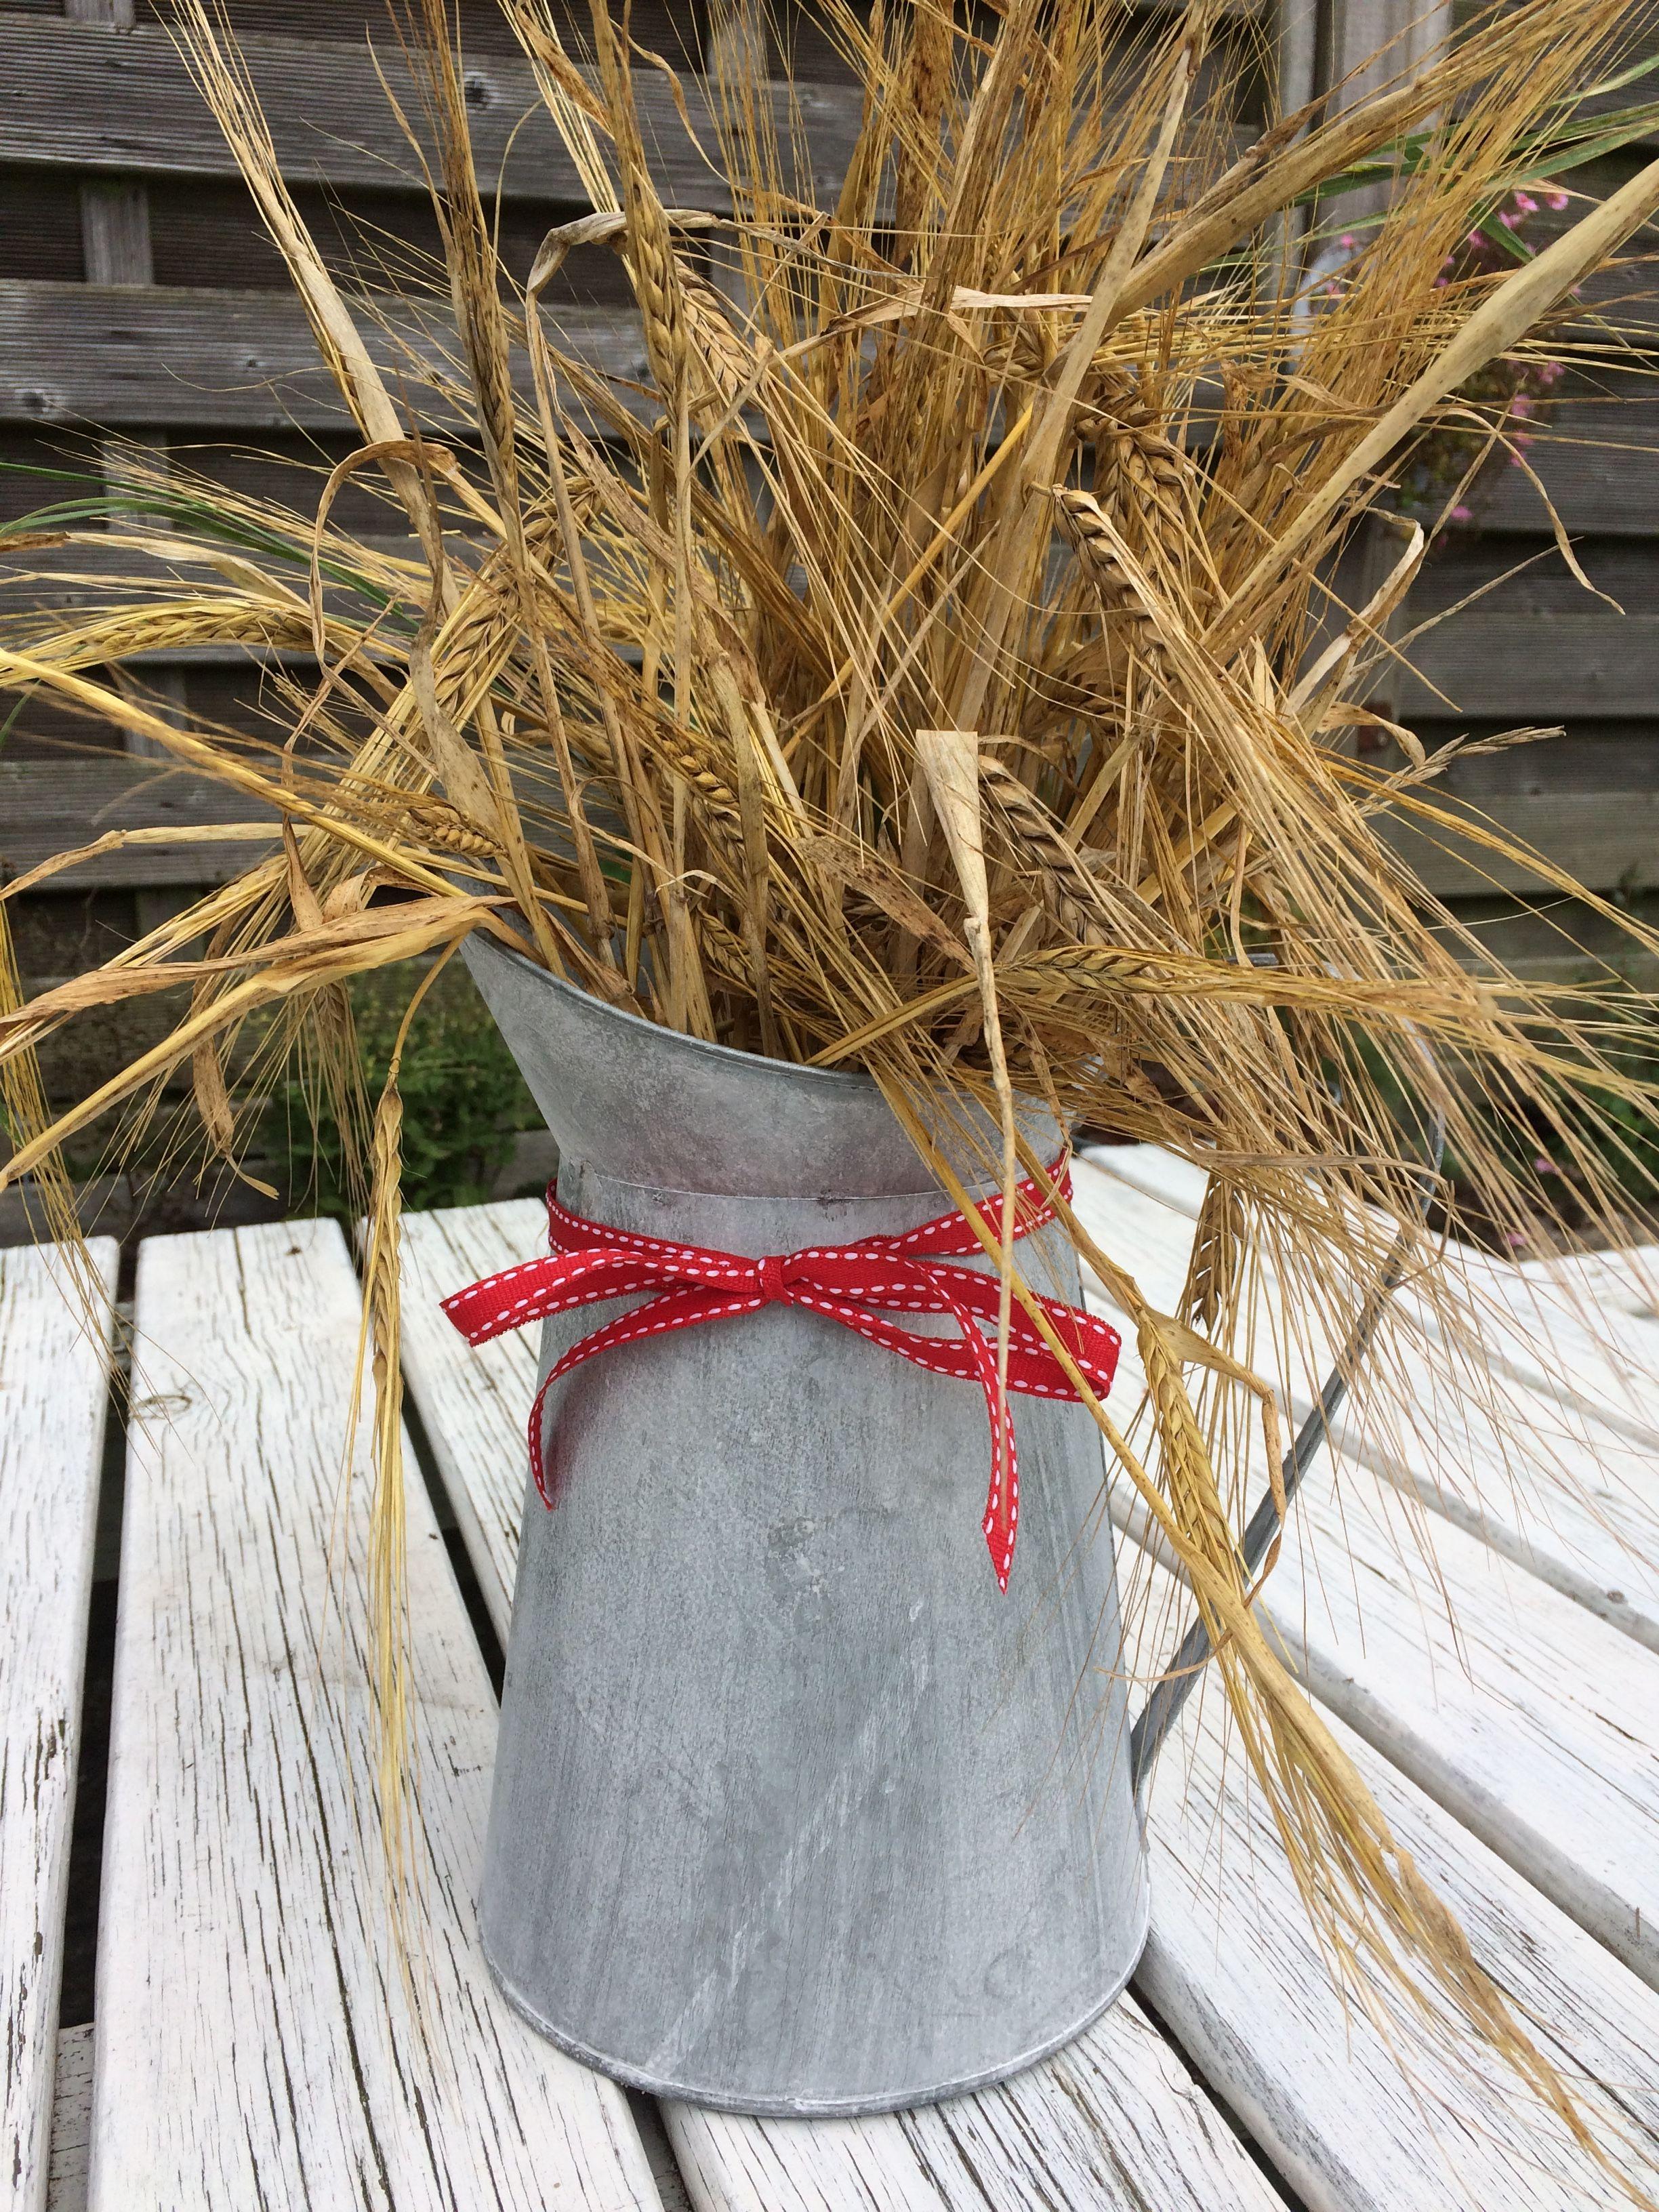 Når kornmarkerne står i fuldt flor, så er det virkelig snart efterår! For efter høsten kommer regnen og alt andet der hører efteråret til.